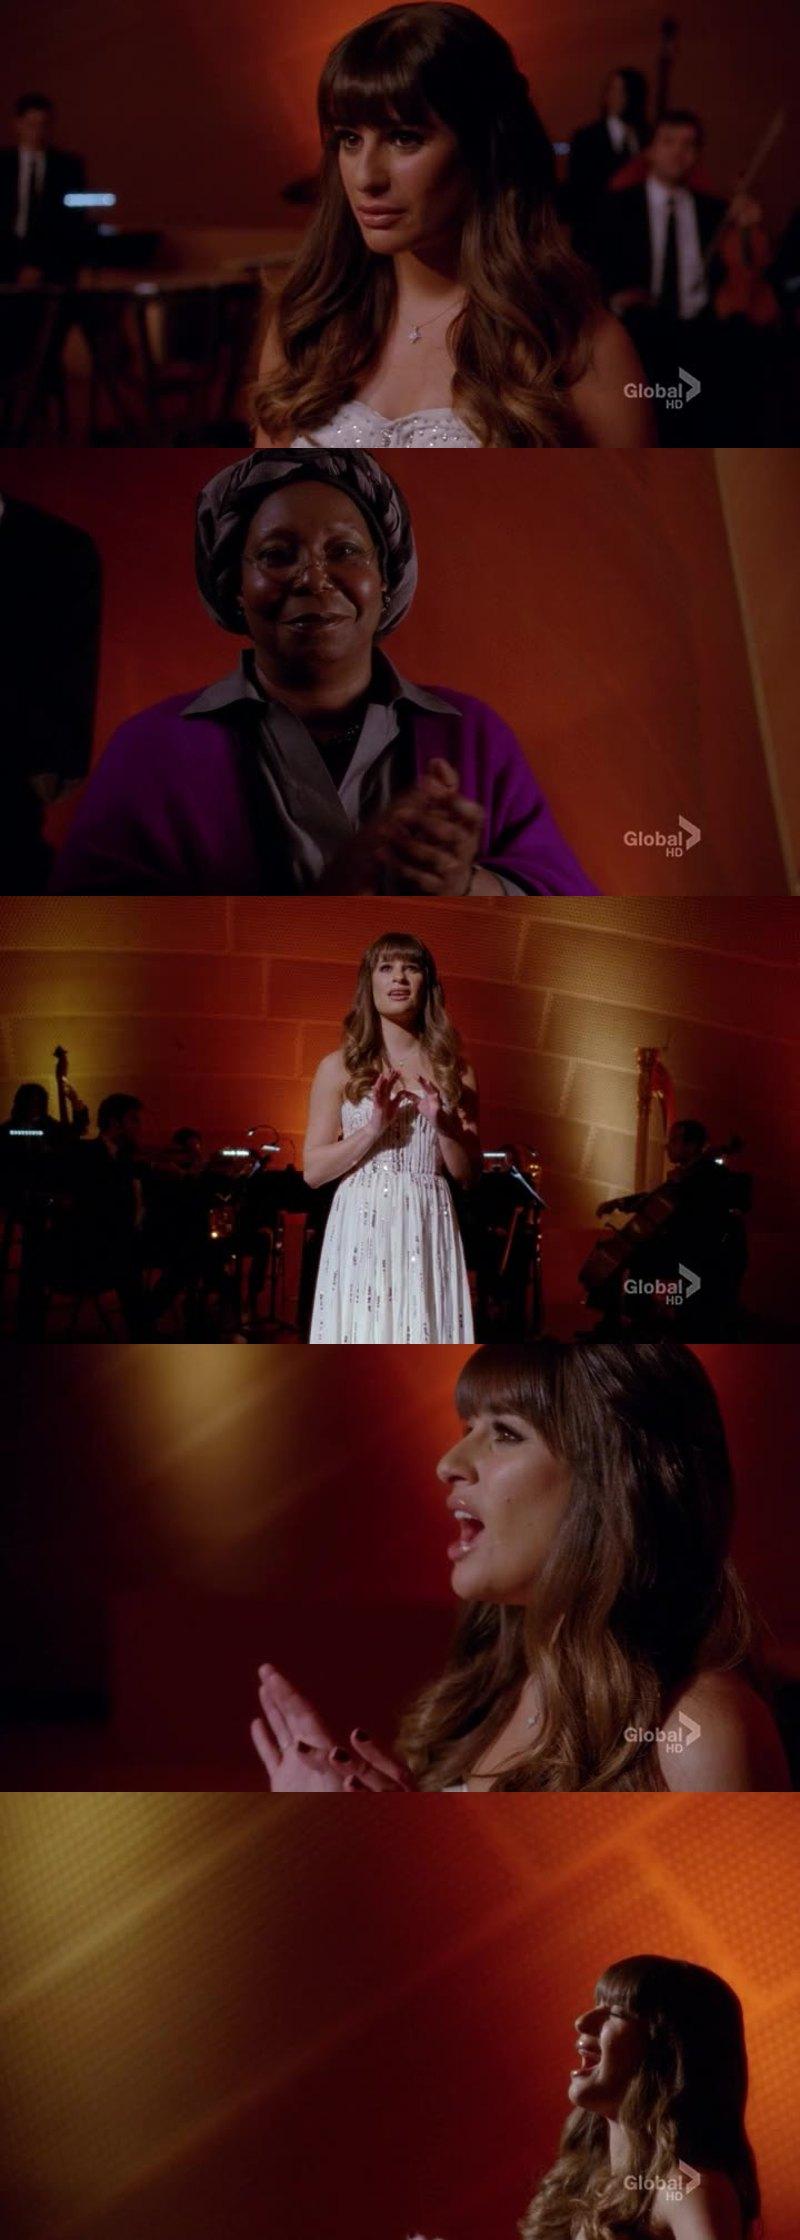 Rachel killing it as always ❤️